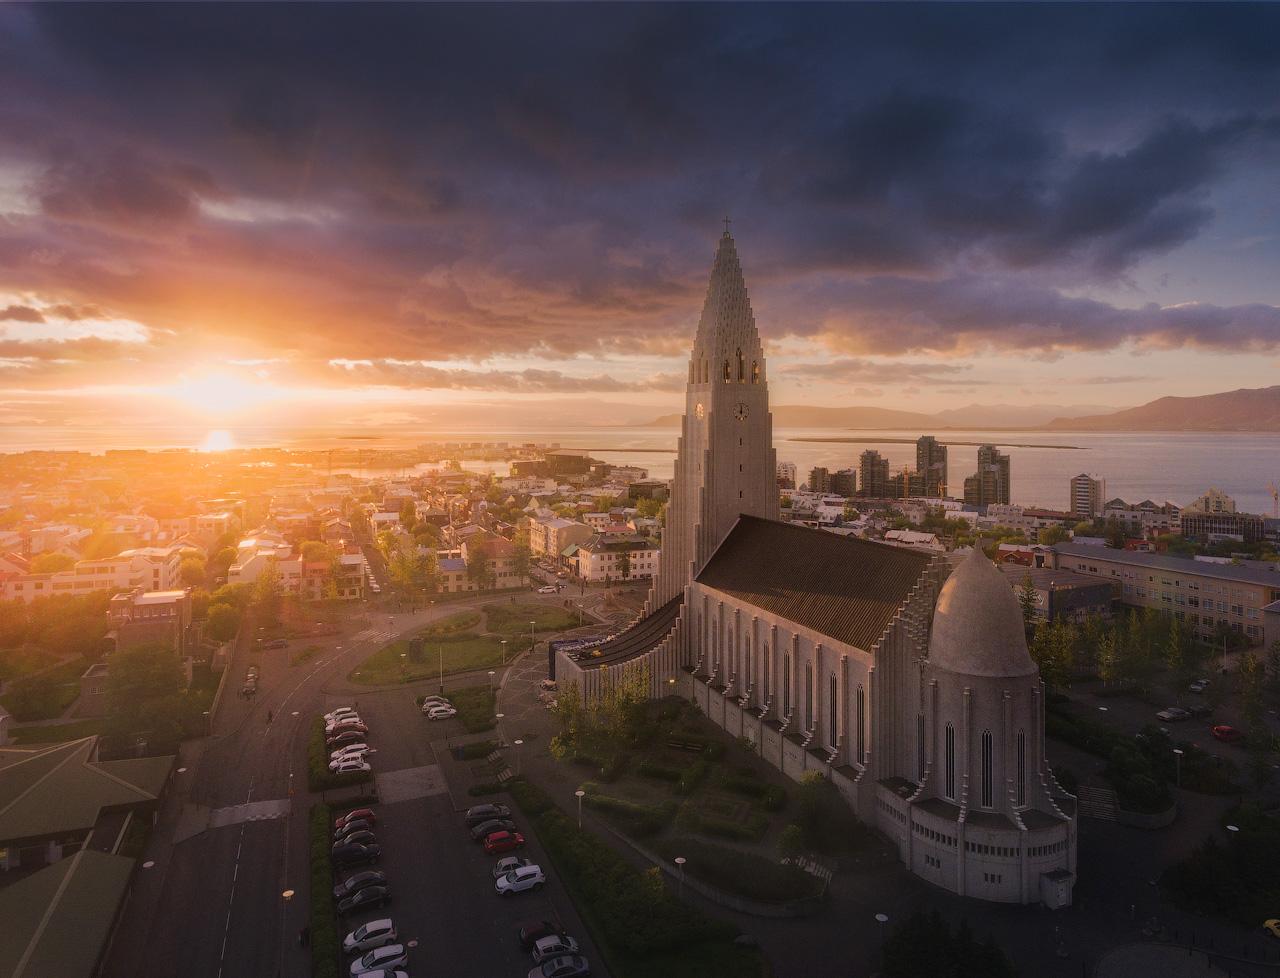 Même dans la capitale urbaine de Reykjavík, il existe encore de nombreuses opportunités de prendre des photos